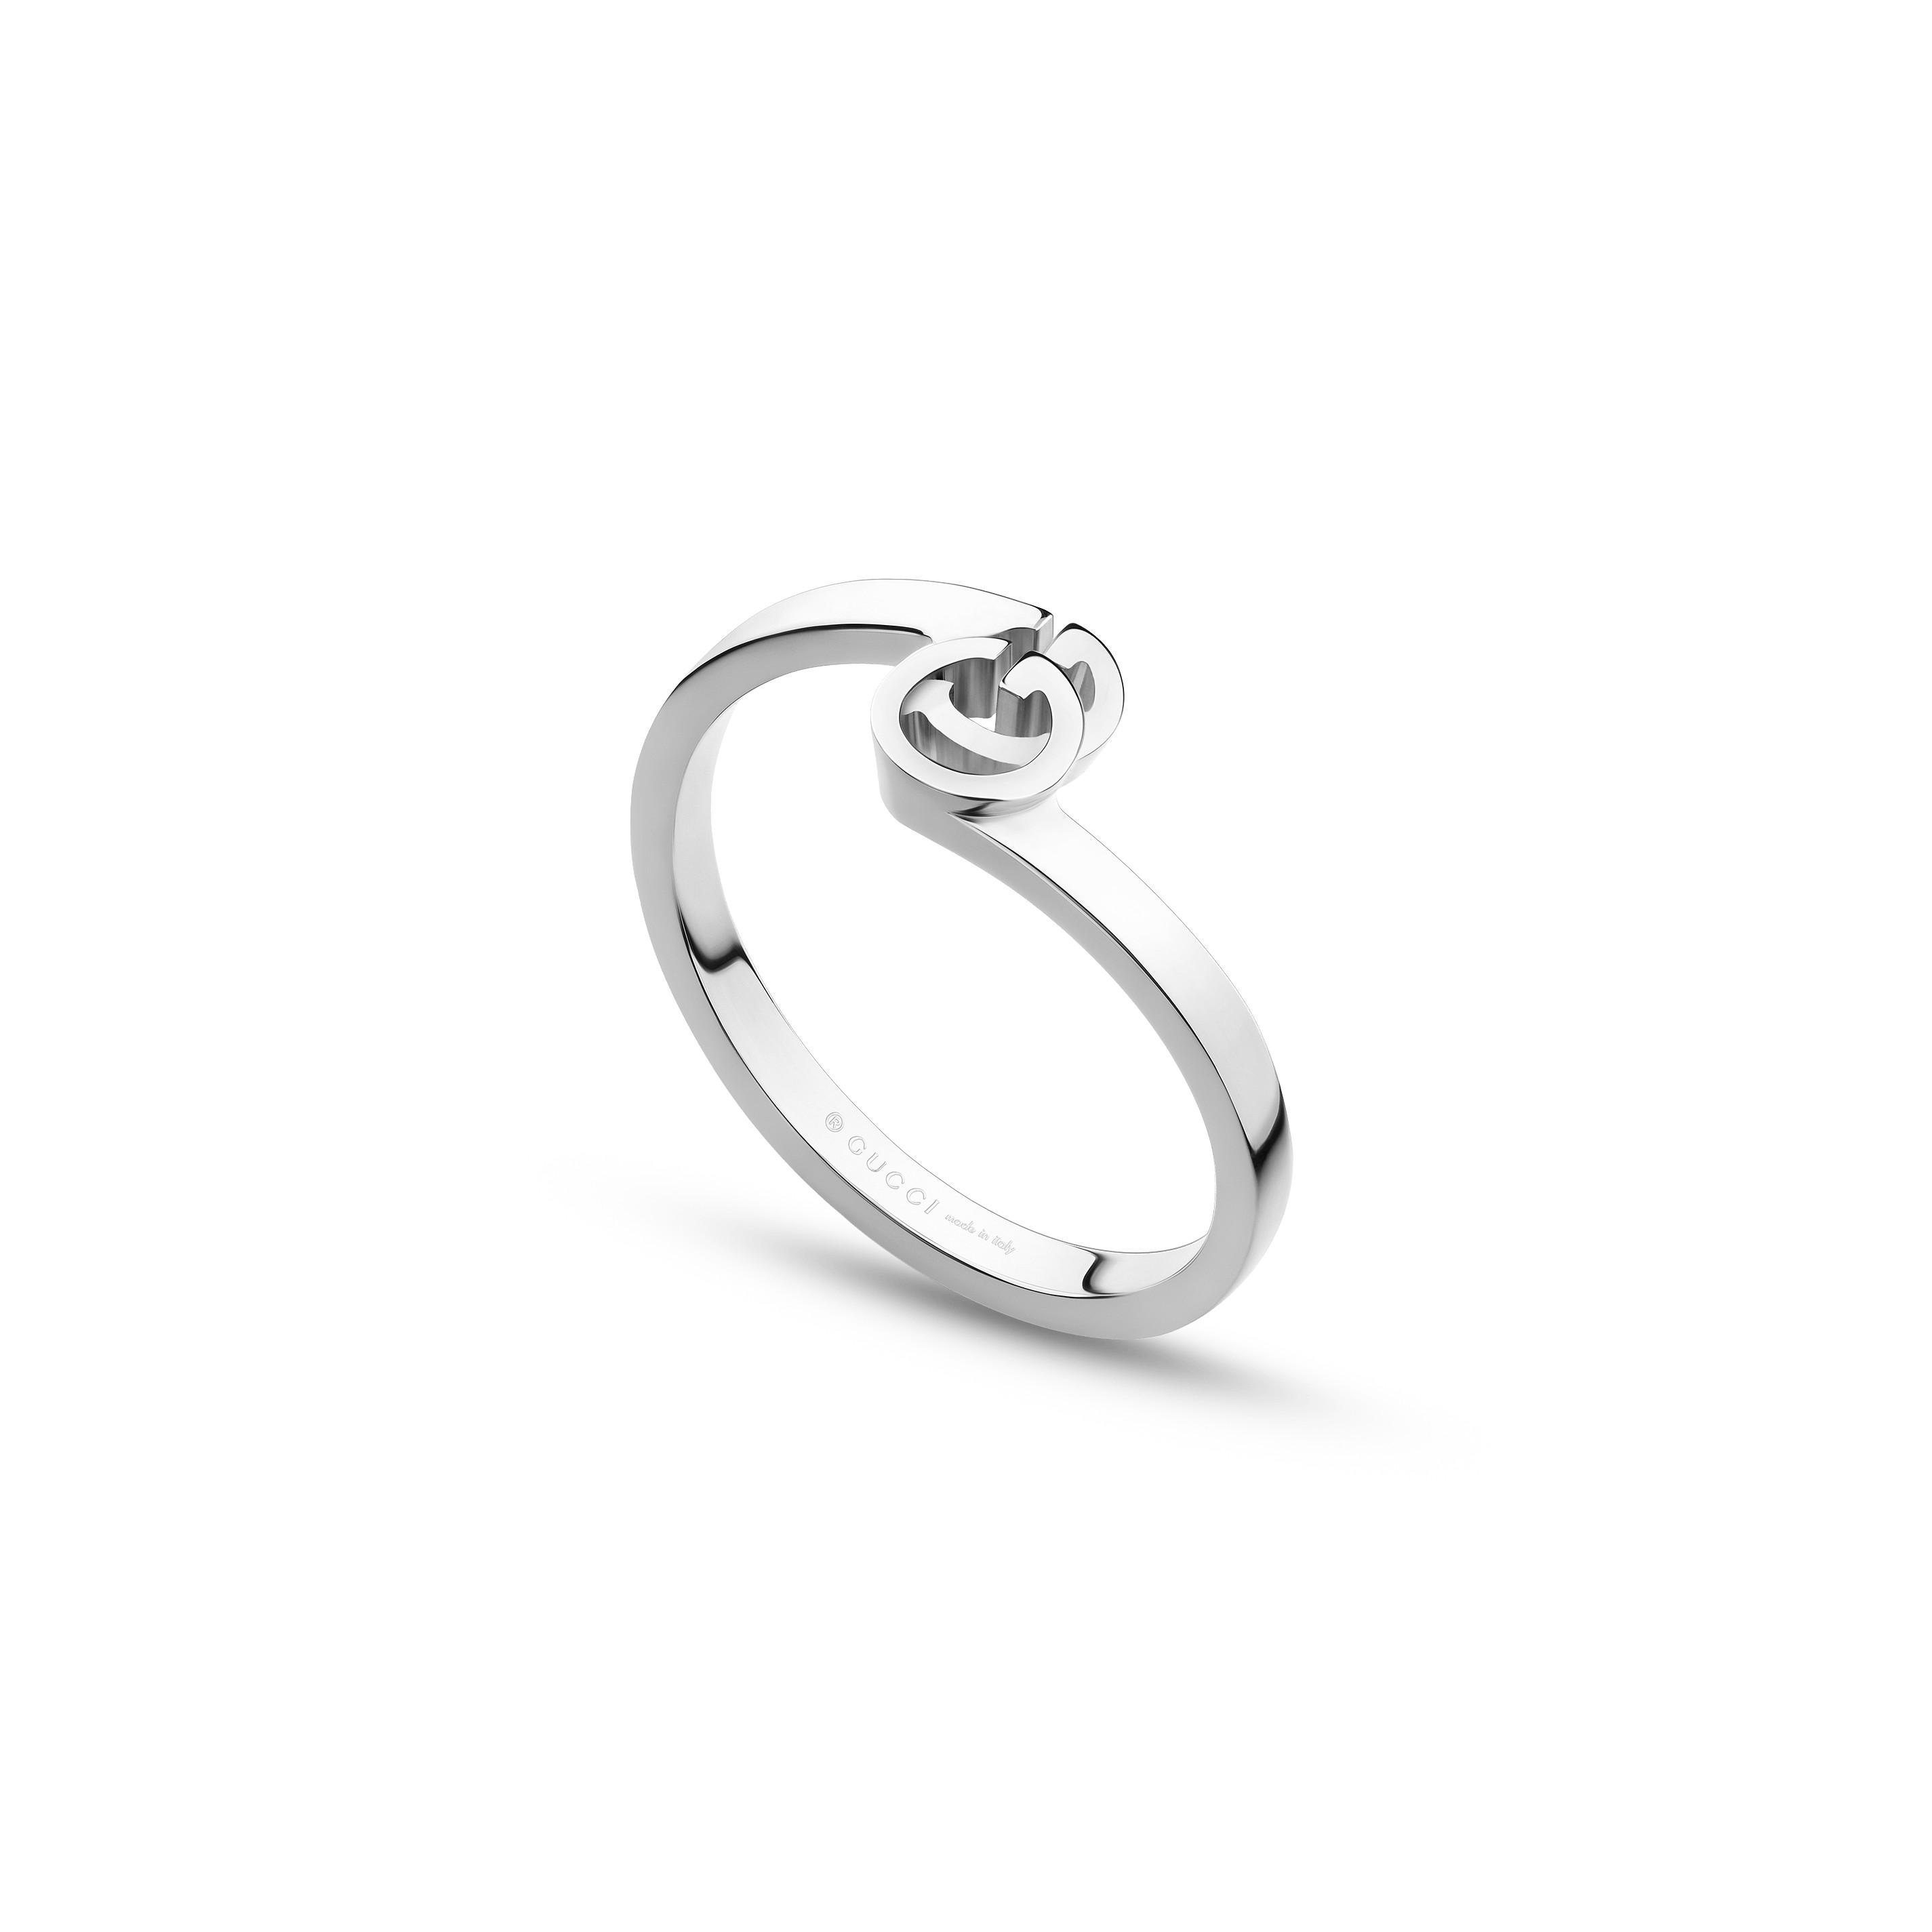 promo code 37f25 dae18 Gucci anello running GG in oro bianco